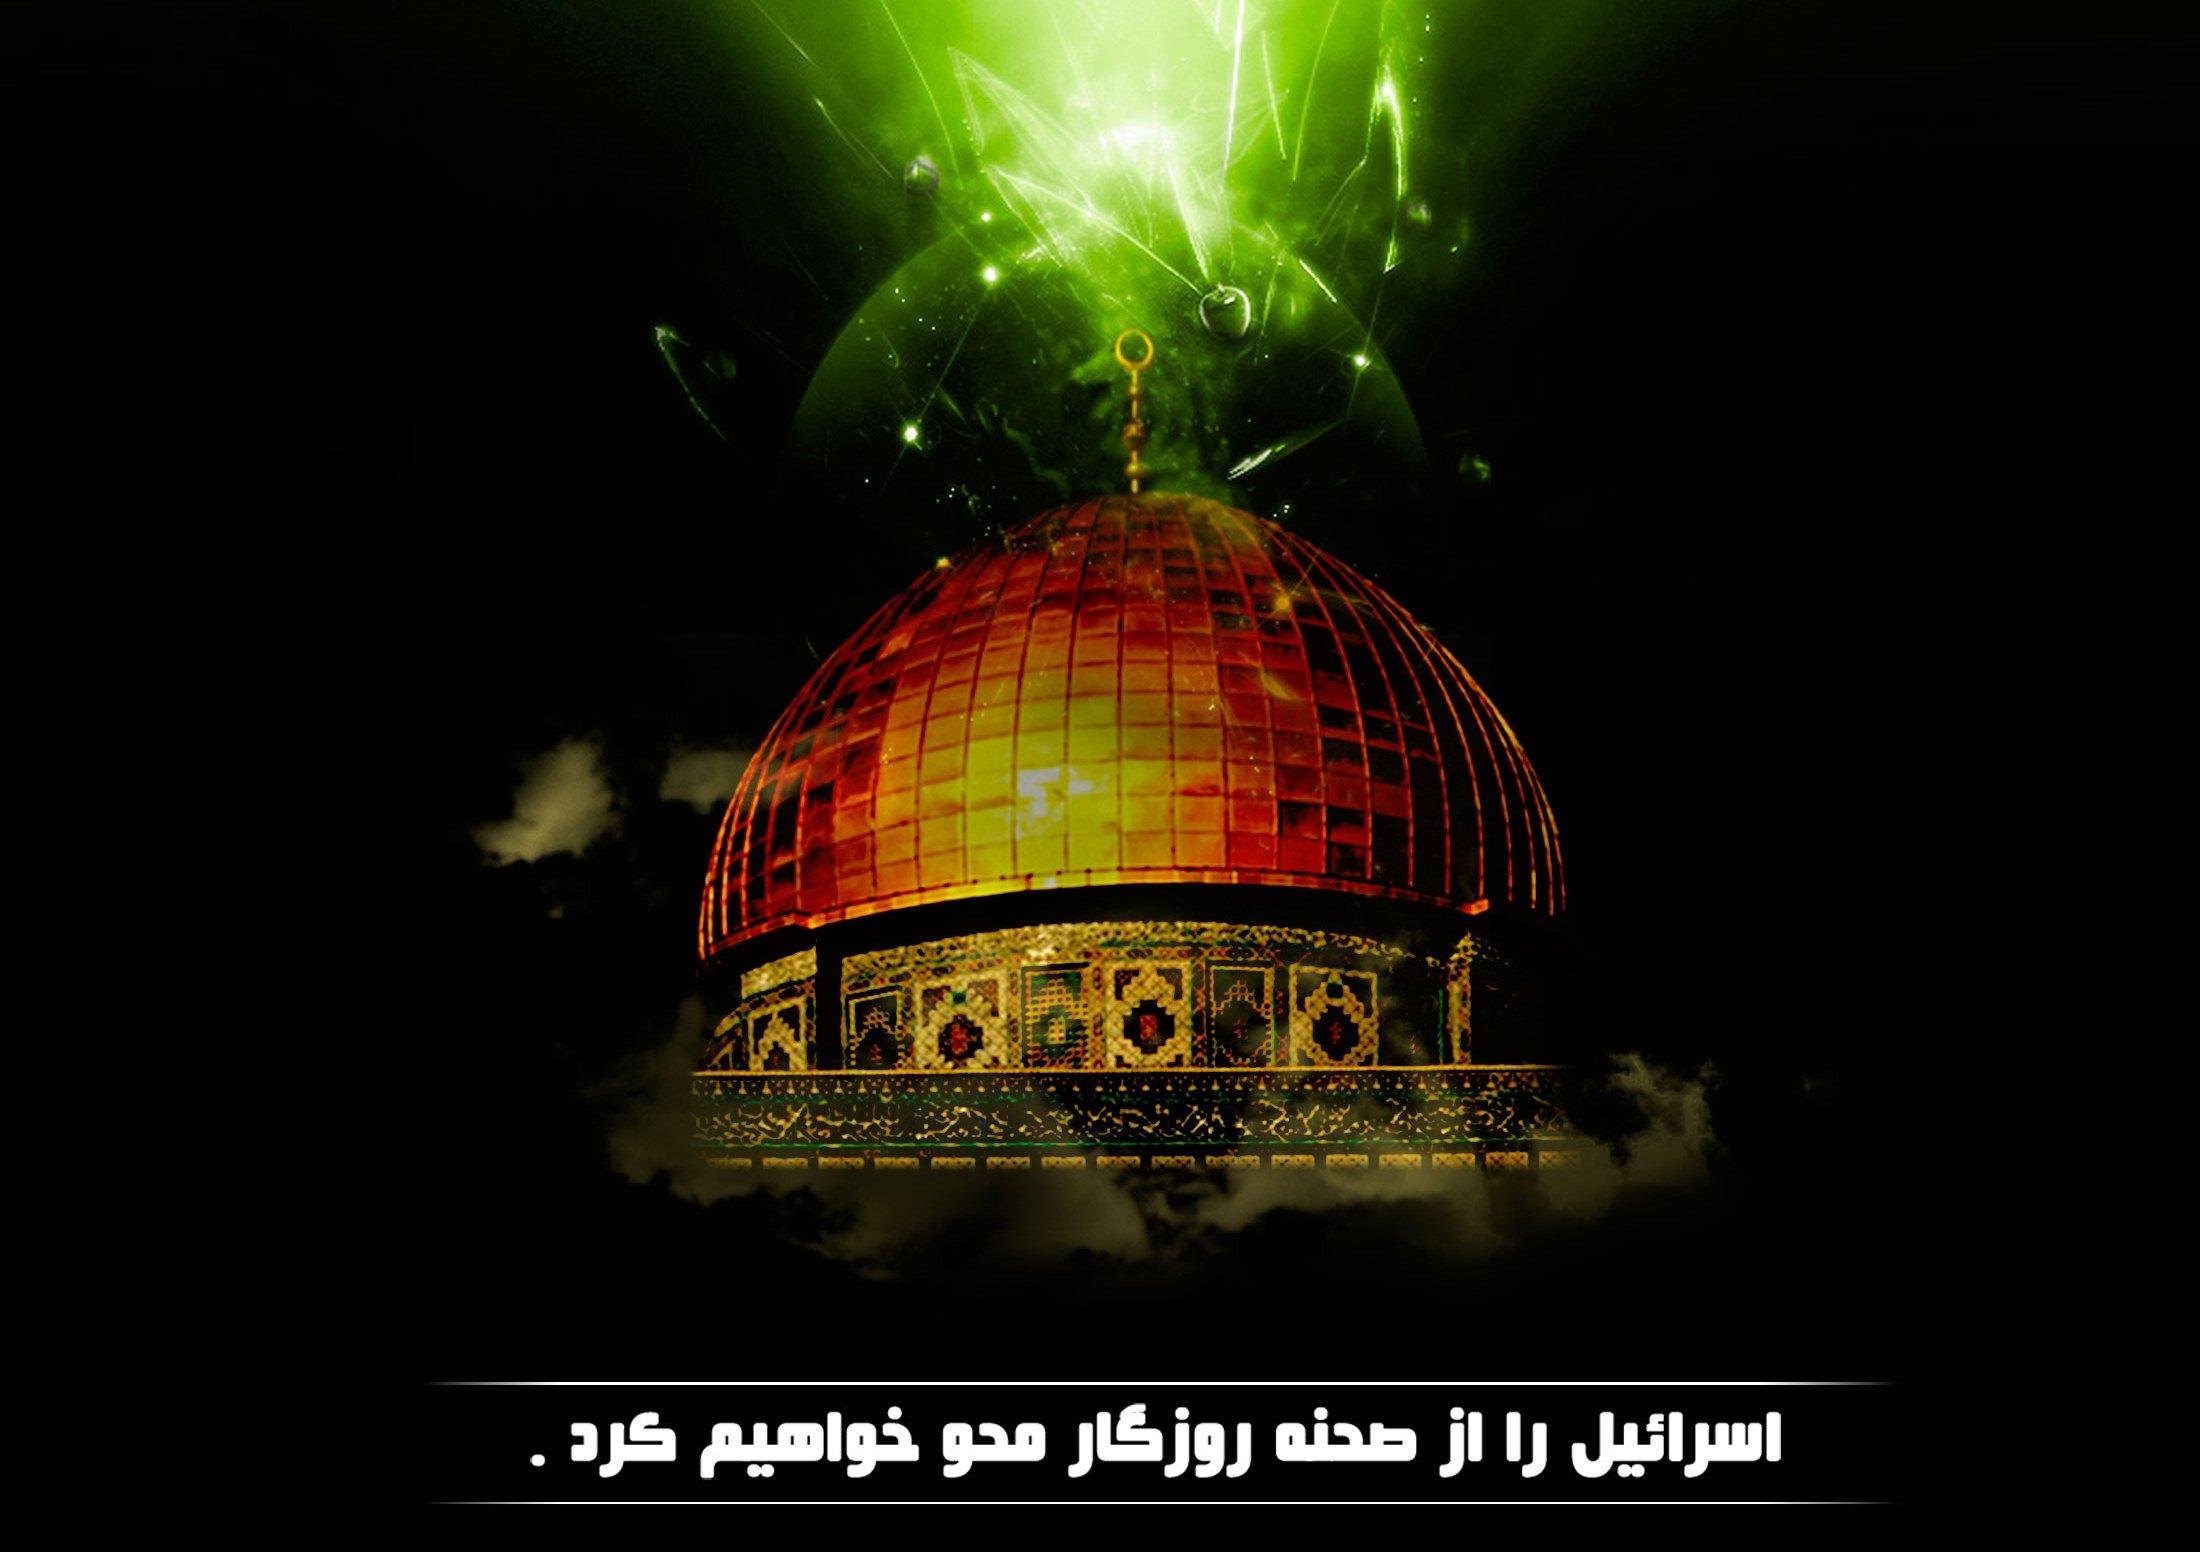 دفاع از فلسطین جزء اصول ثابت ایران است